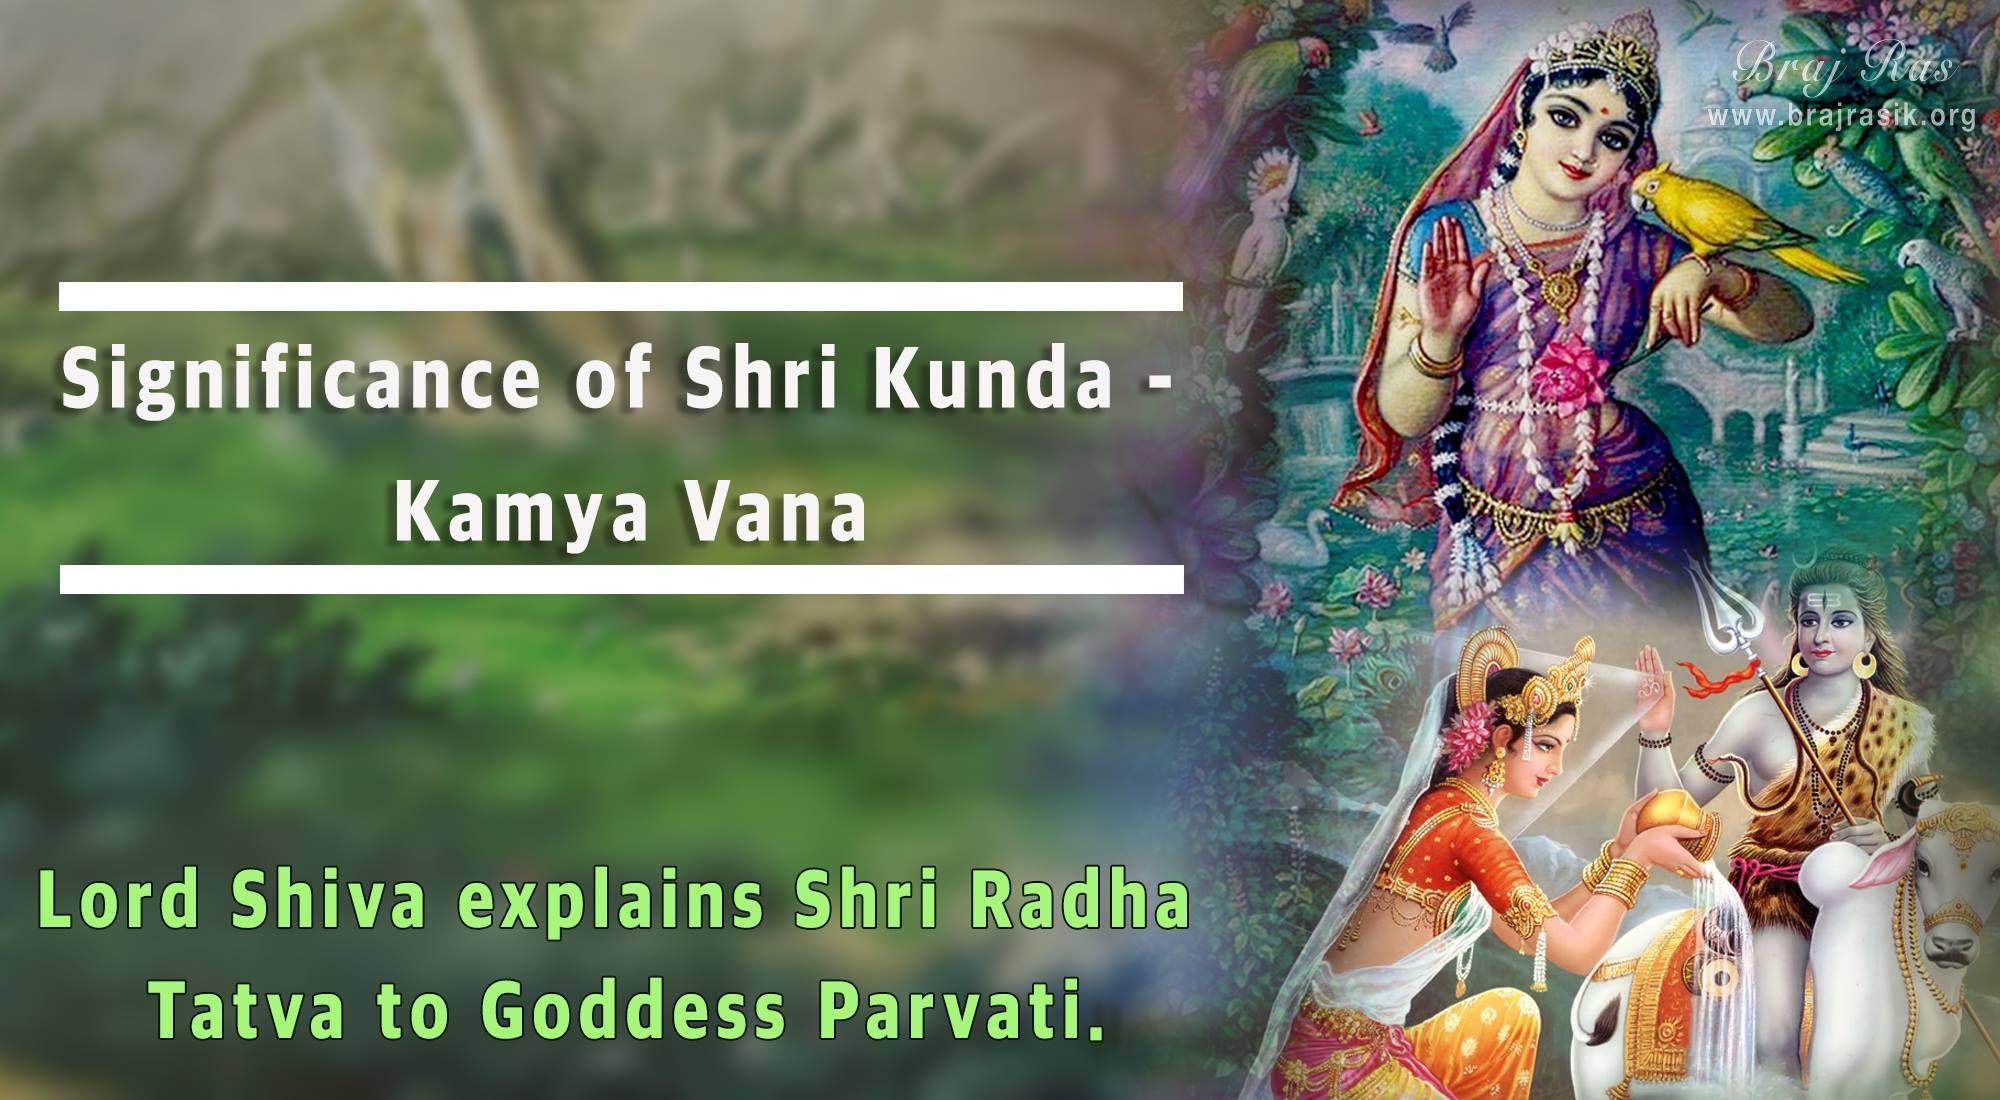 Significance of Shri Kunda - Kamya Vana